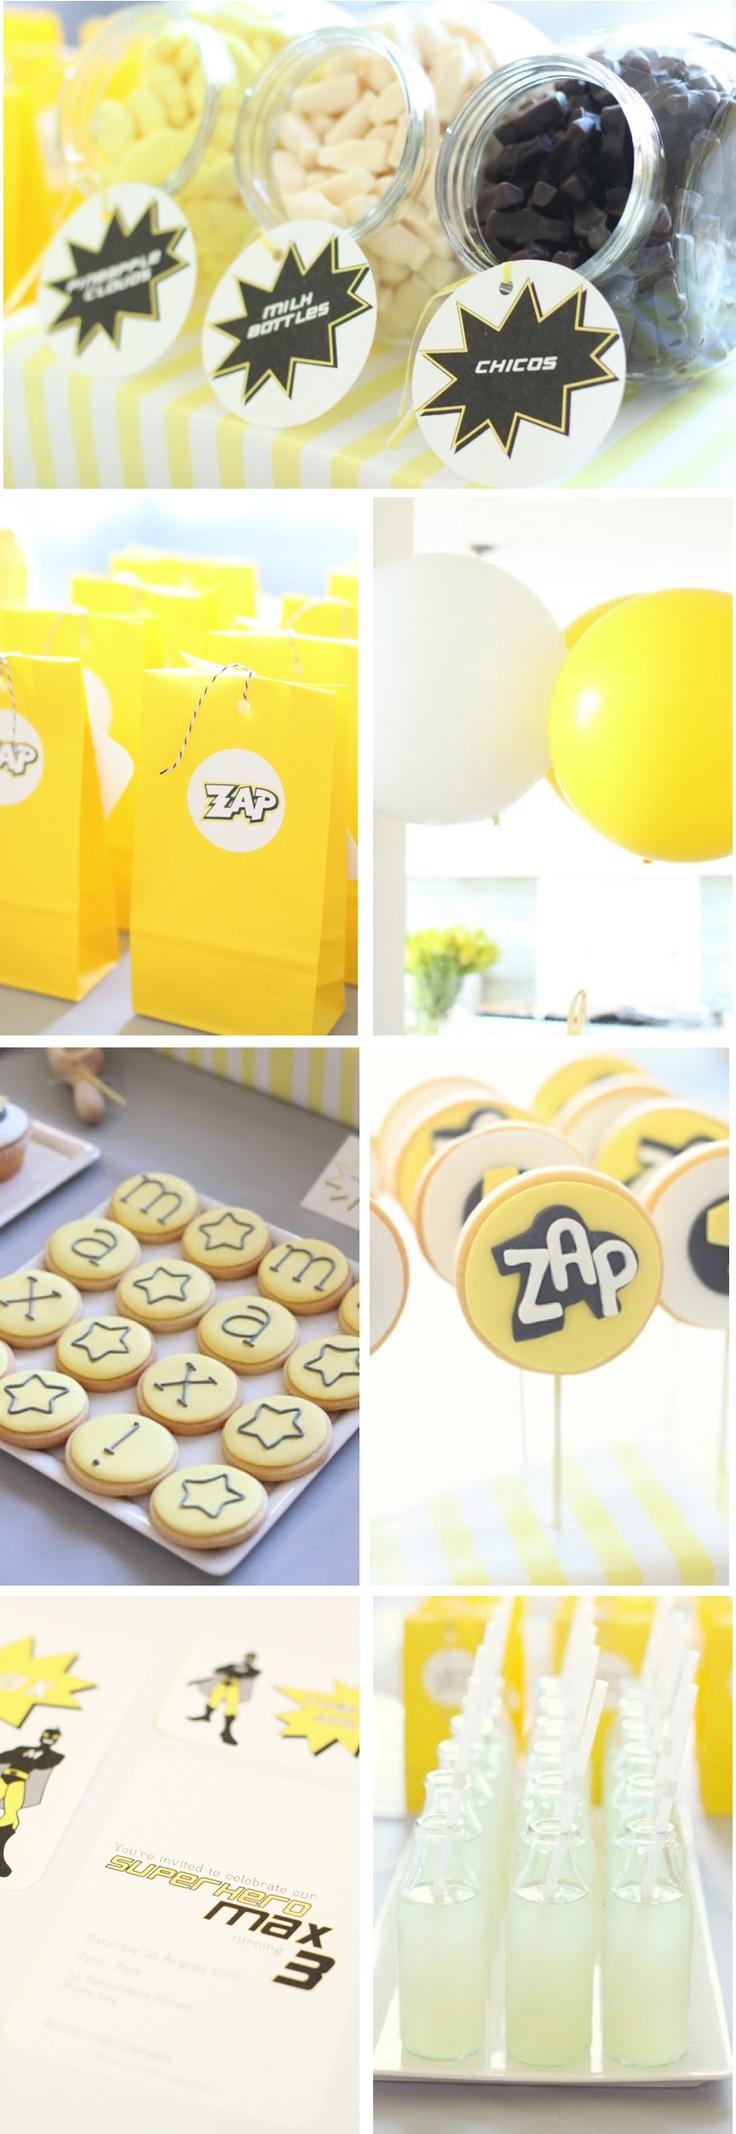 zap! pow! bang! superhero party